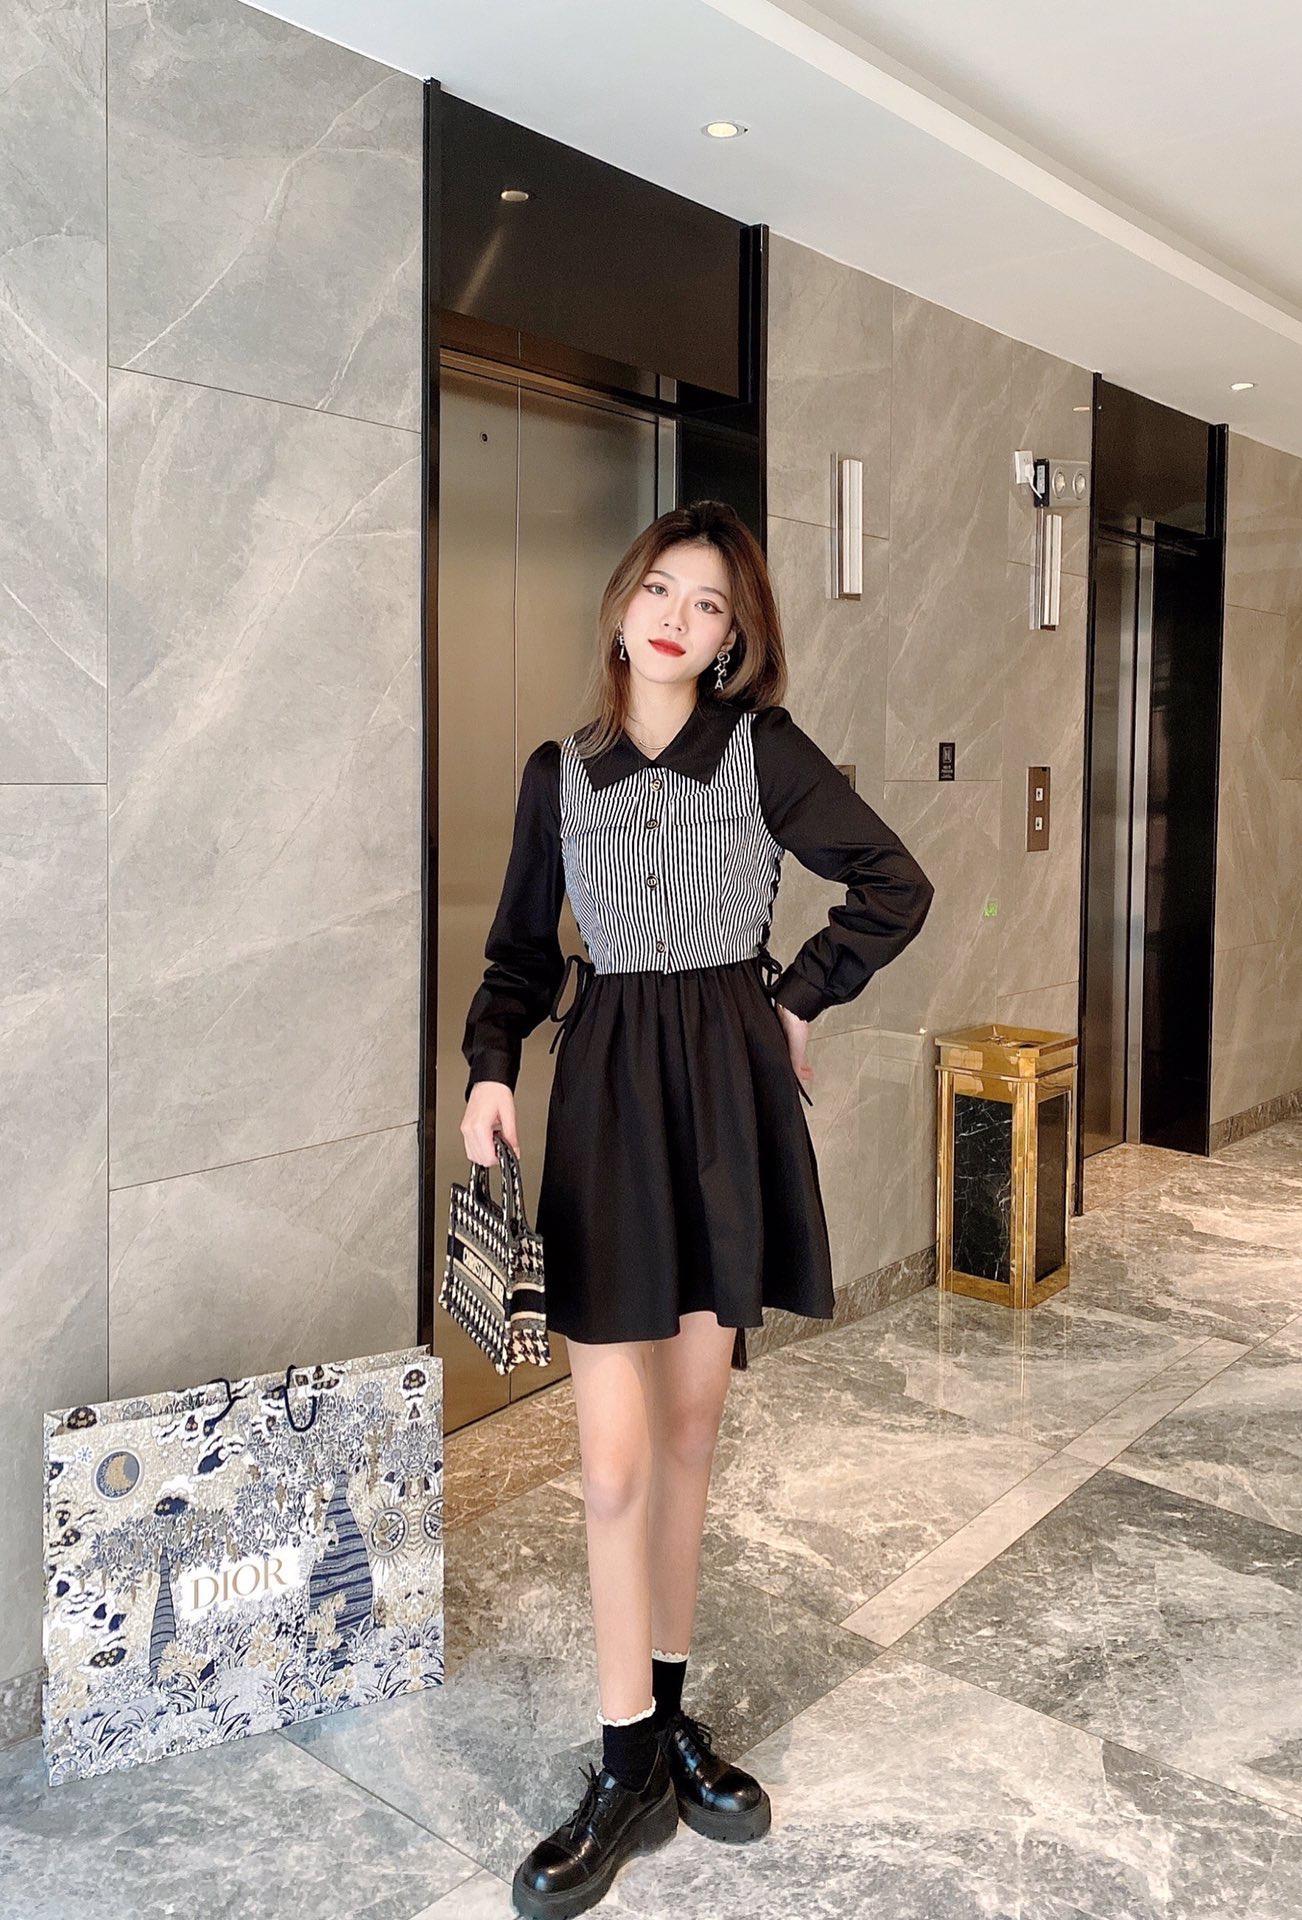 Milano pist elbiseler 2021 ilkbahar yaz yaka boyun baskı kadın tasarımcı elbise markası aynı stil elbise 0112-13